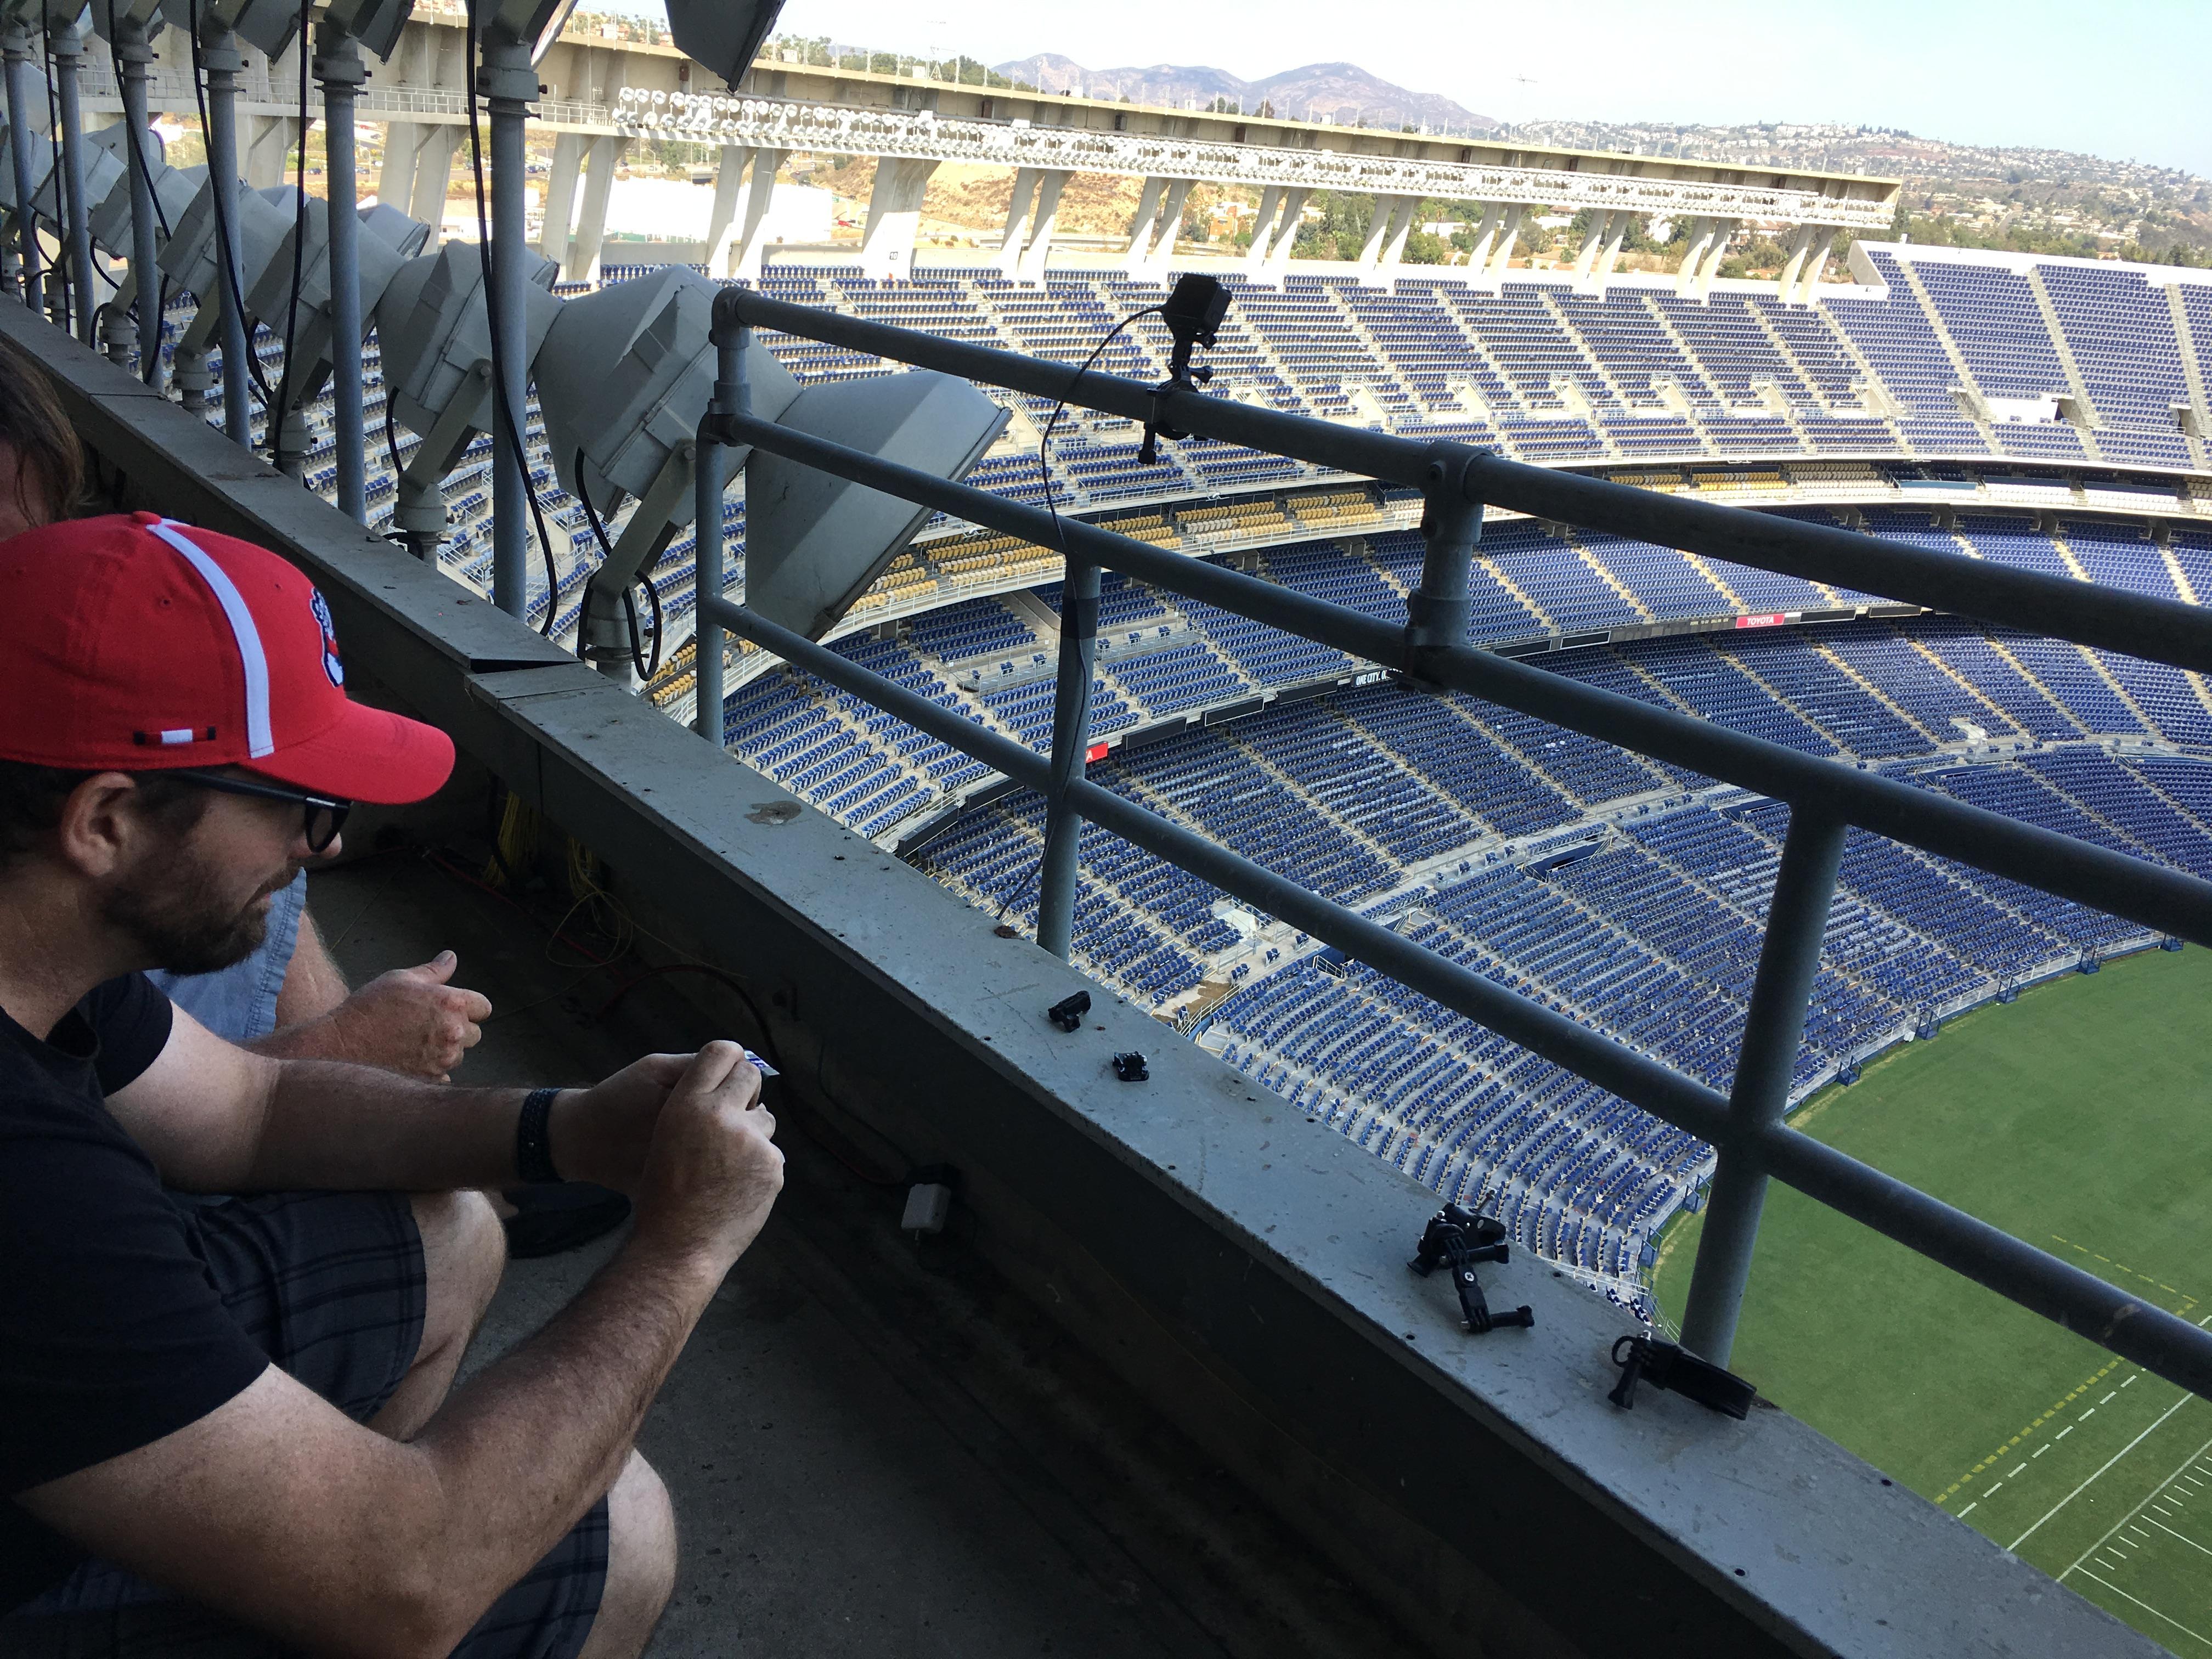 Installing GoPro for U2 Concert